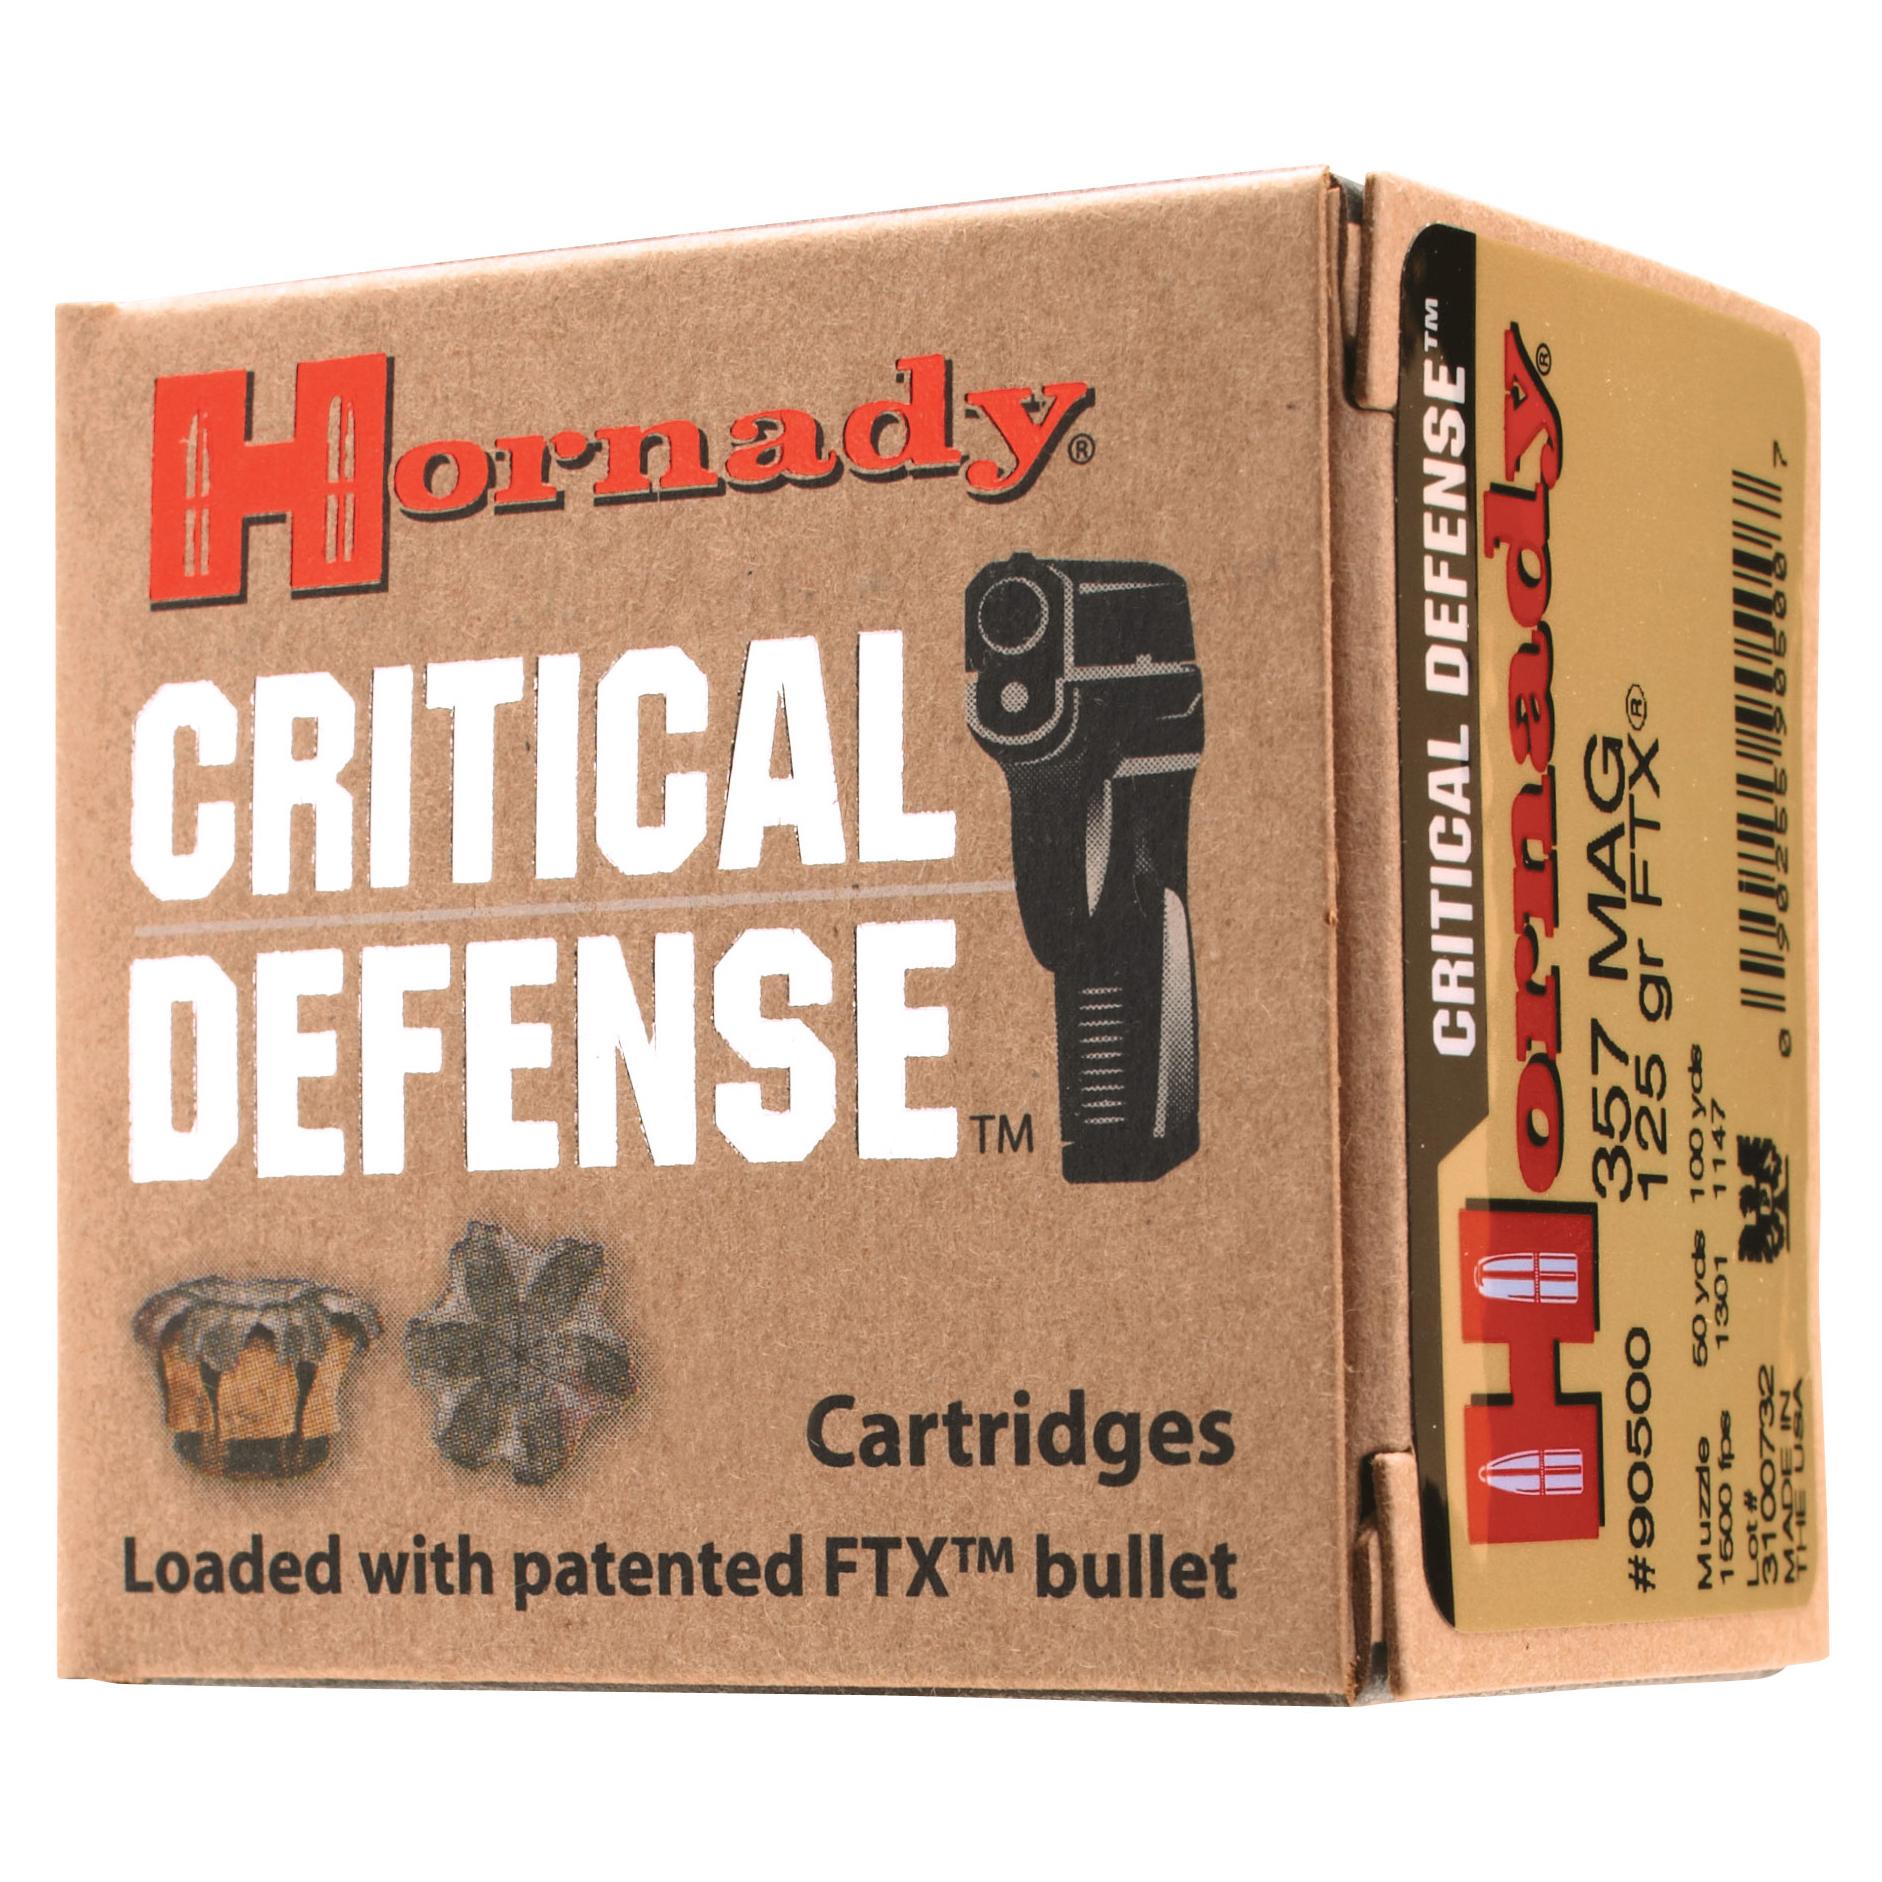 Hornady Critical Defense Handgun Ammo, .40 S & W, 165-gr, FTX, 20 Rounds